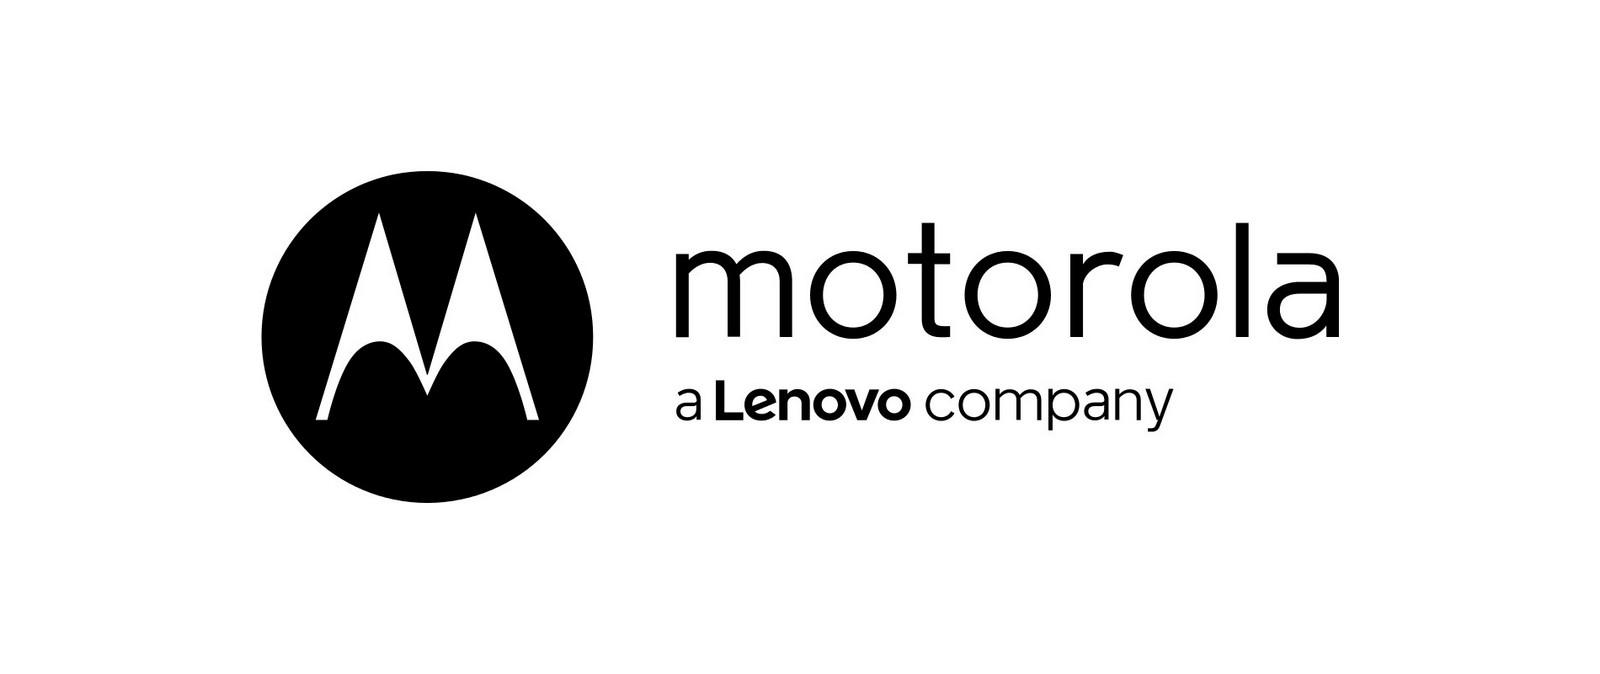 Los próximos pasos que Motorola realizará como marca